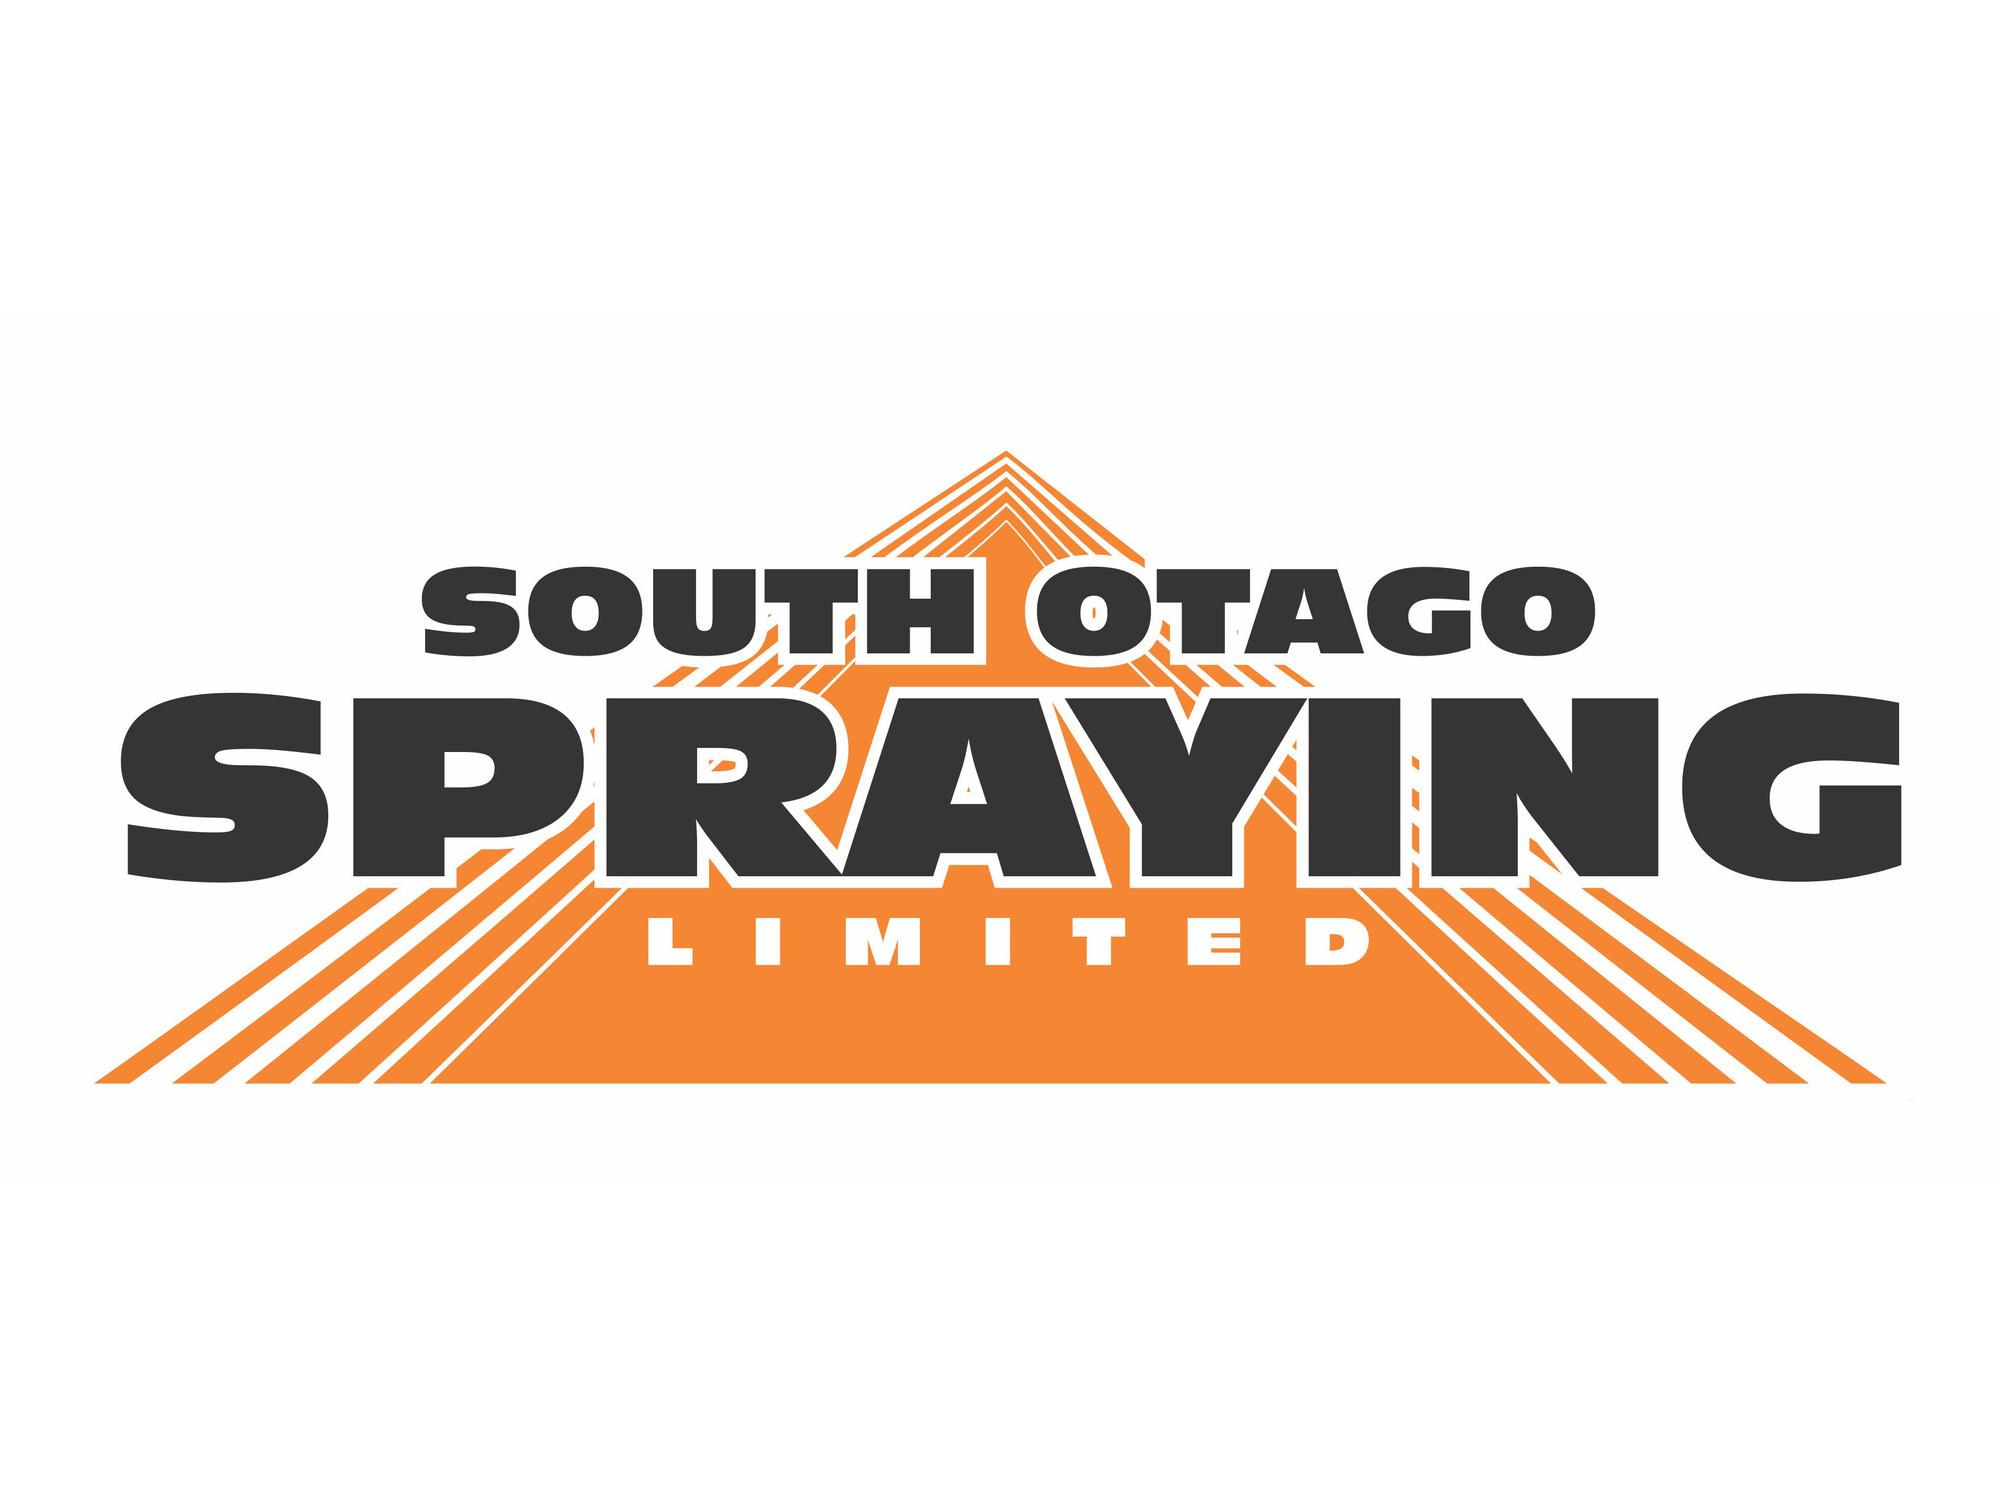 South Otago Spraying ltd logo design